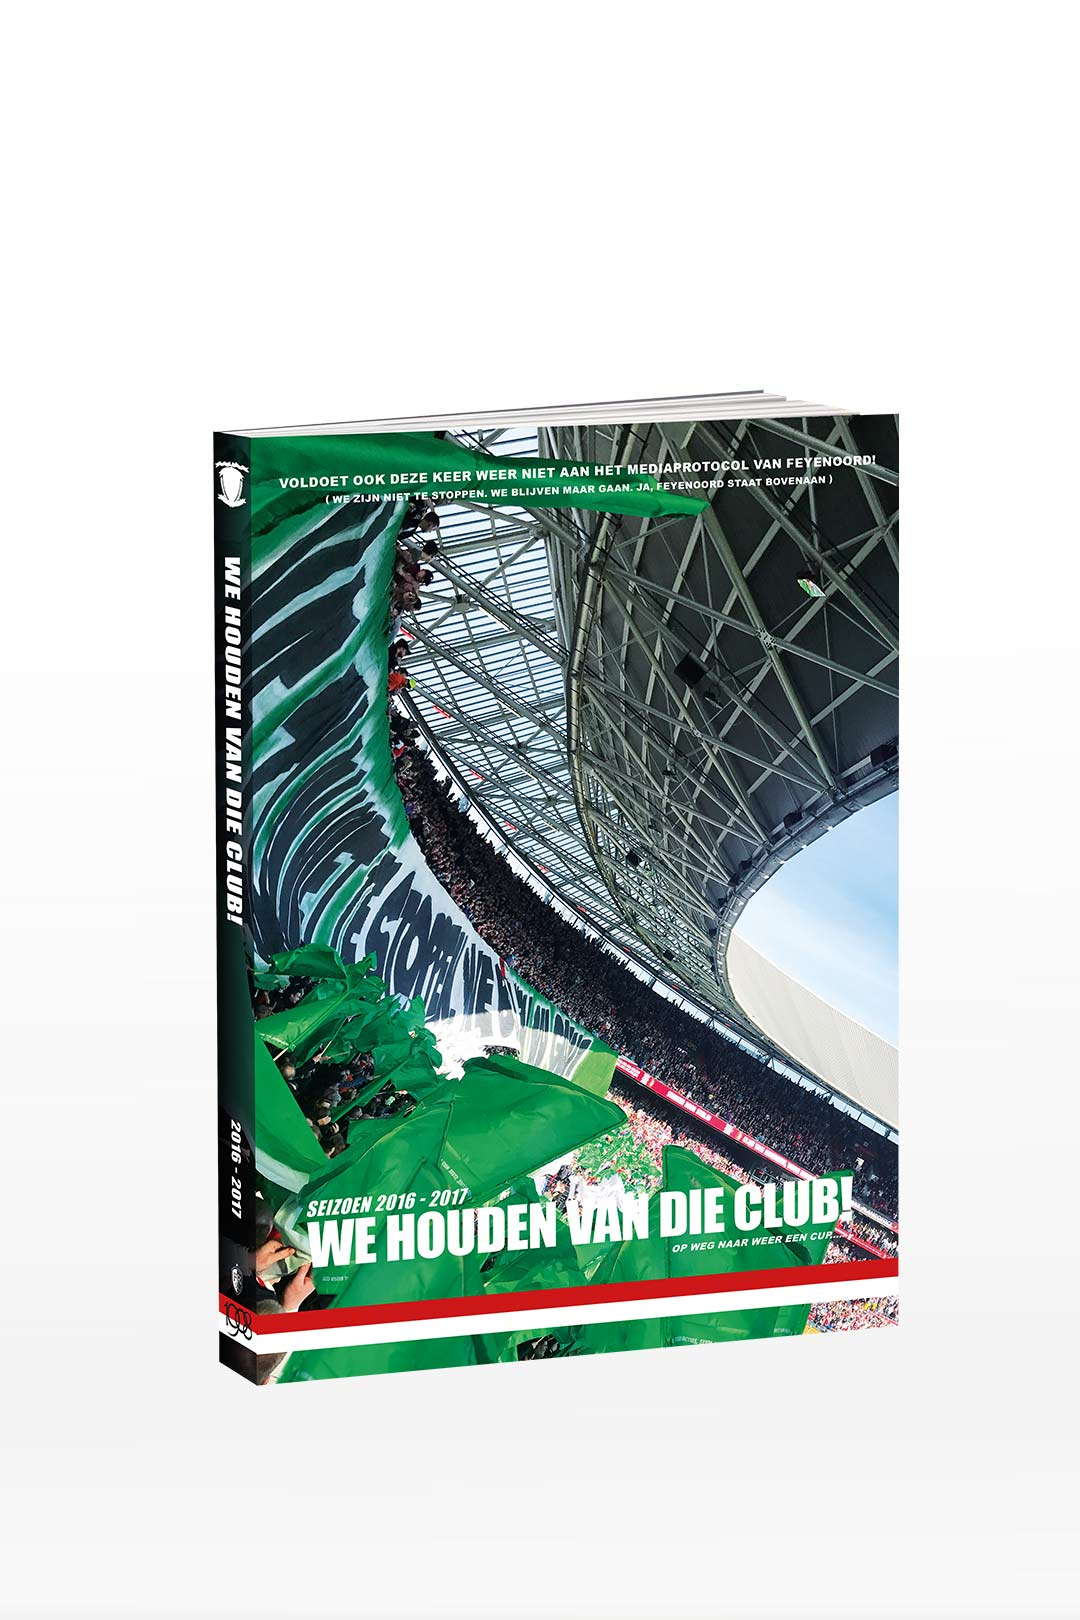 Feyenoord Jaarboek - Deel 6, Seizoen 2016 - 2017 - Feyenoord Landskampioen, we houden van die club!